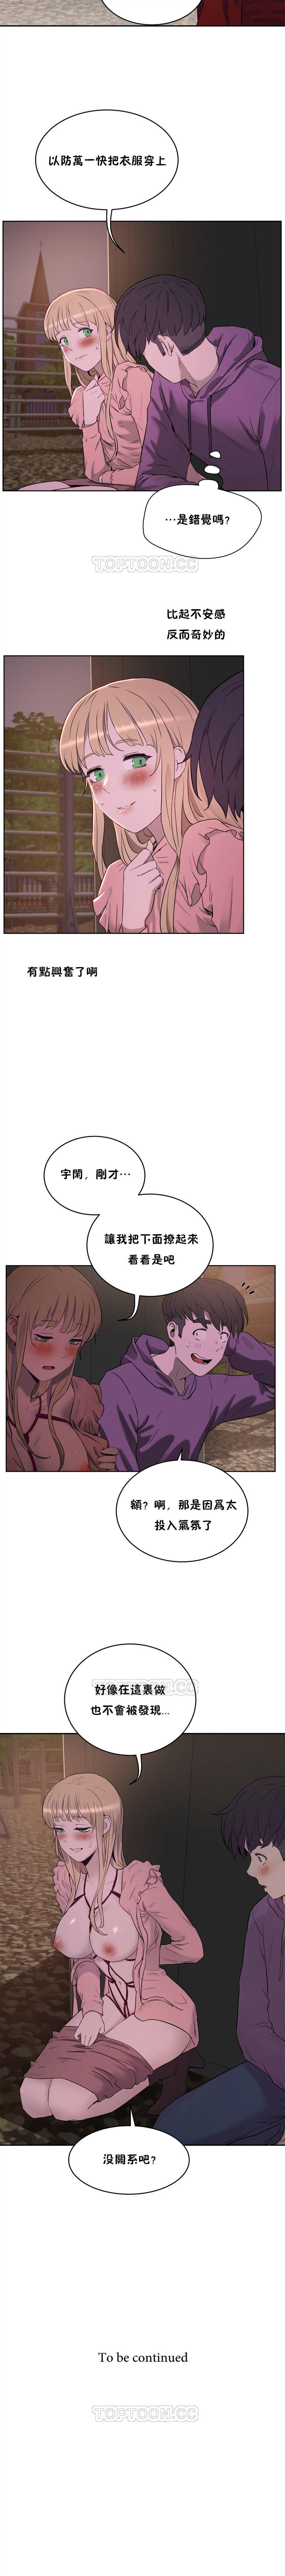 性教育 1-48.5 中文翻译(完結) 153